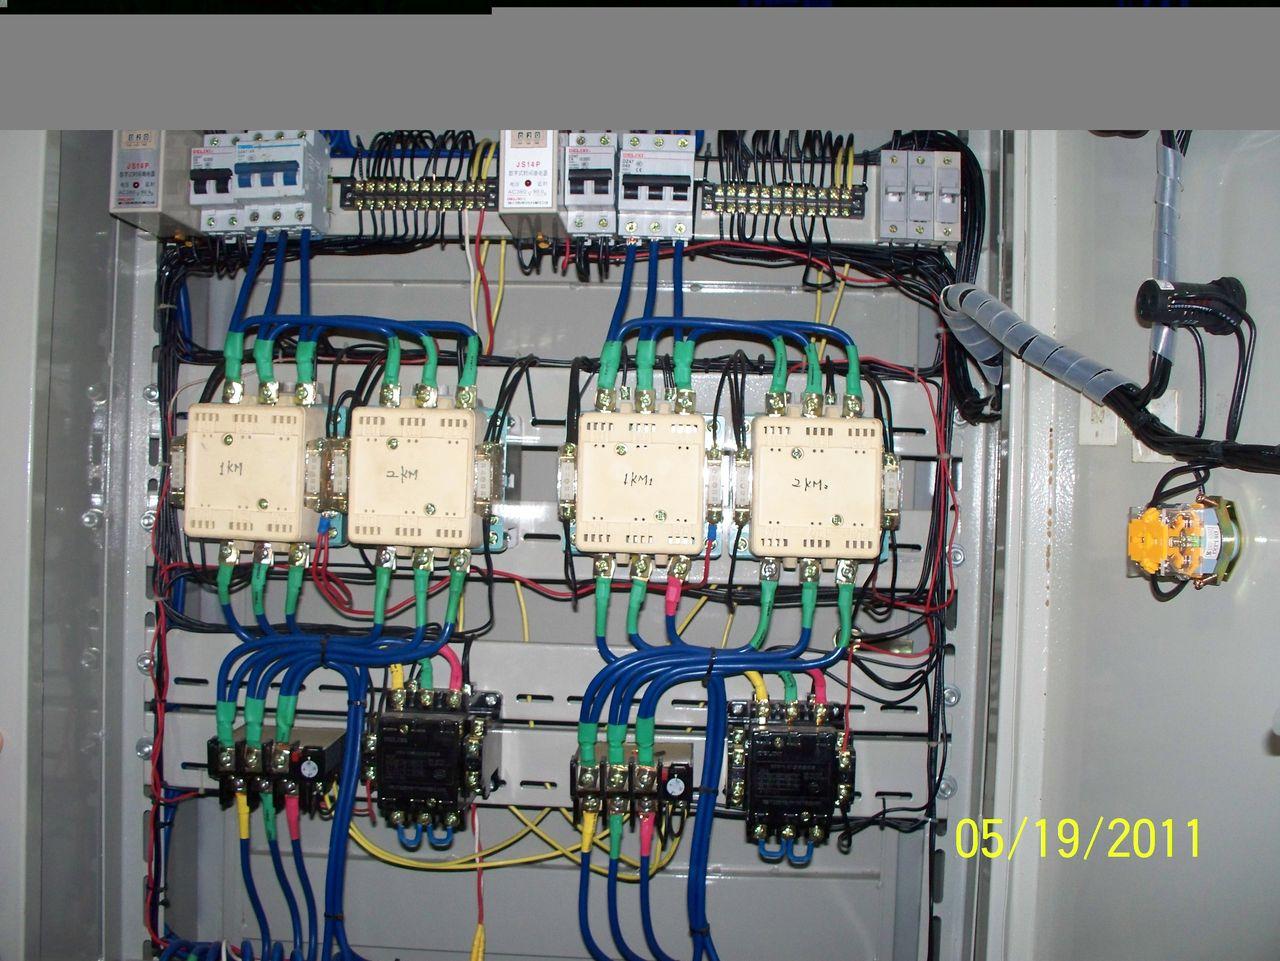 能给个接线图最好. 黑色的接触器下端主触头为什么要串接?